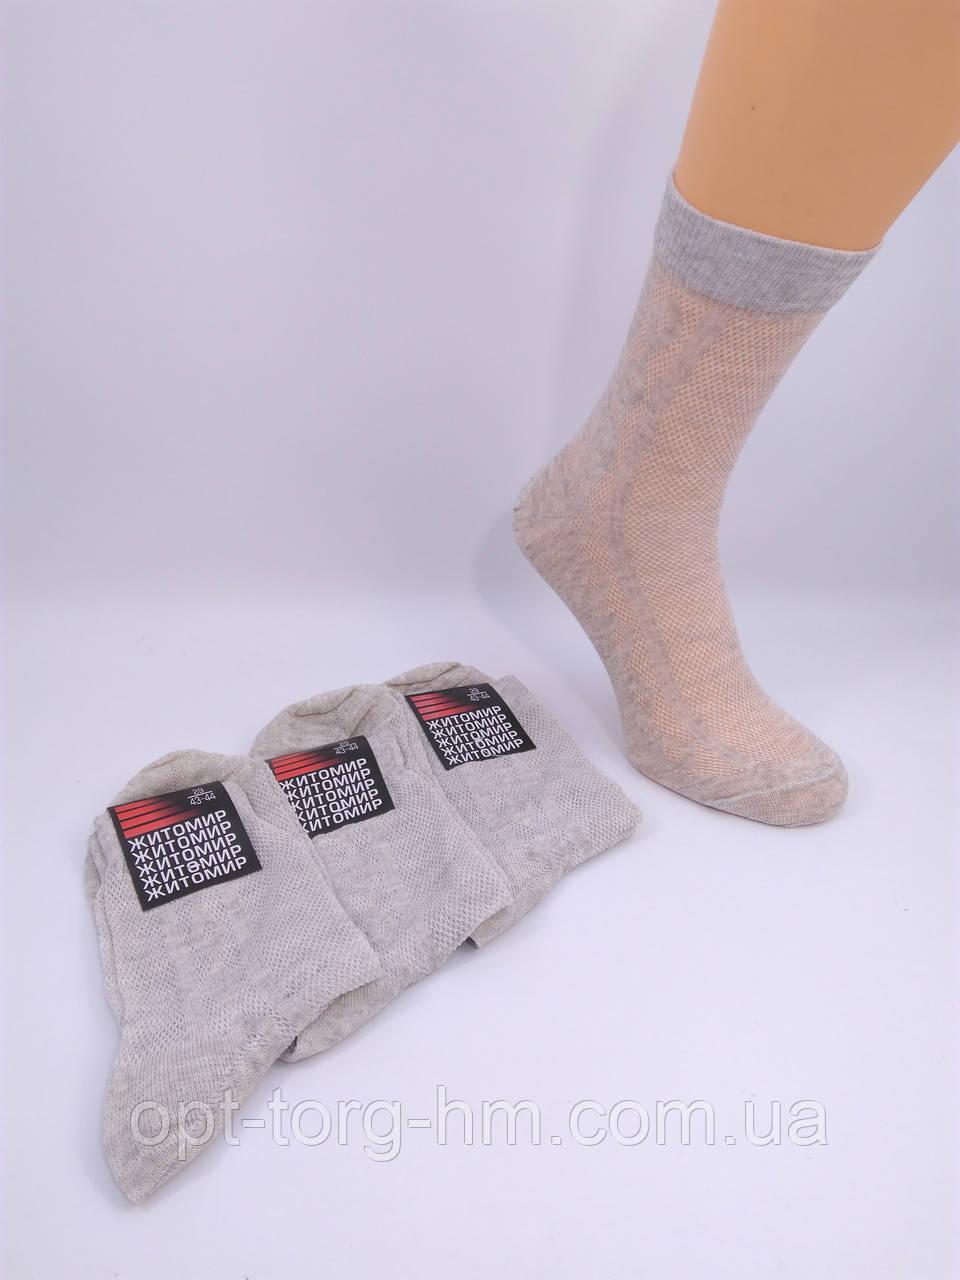 Шкарпетки чоловічі х\б сітка 25 (39-40обувь) Ліно